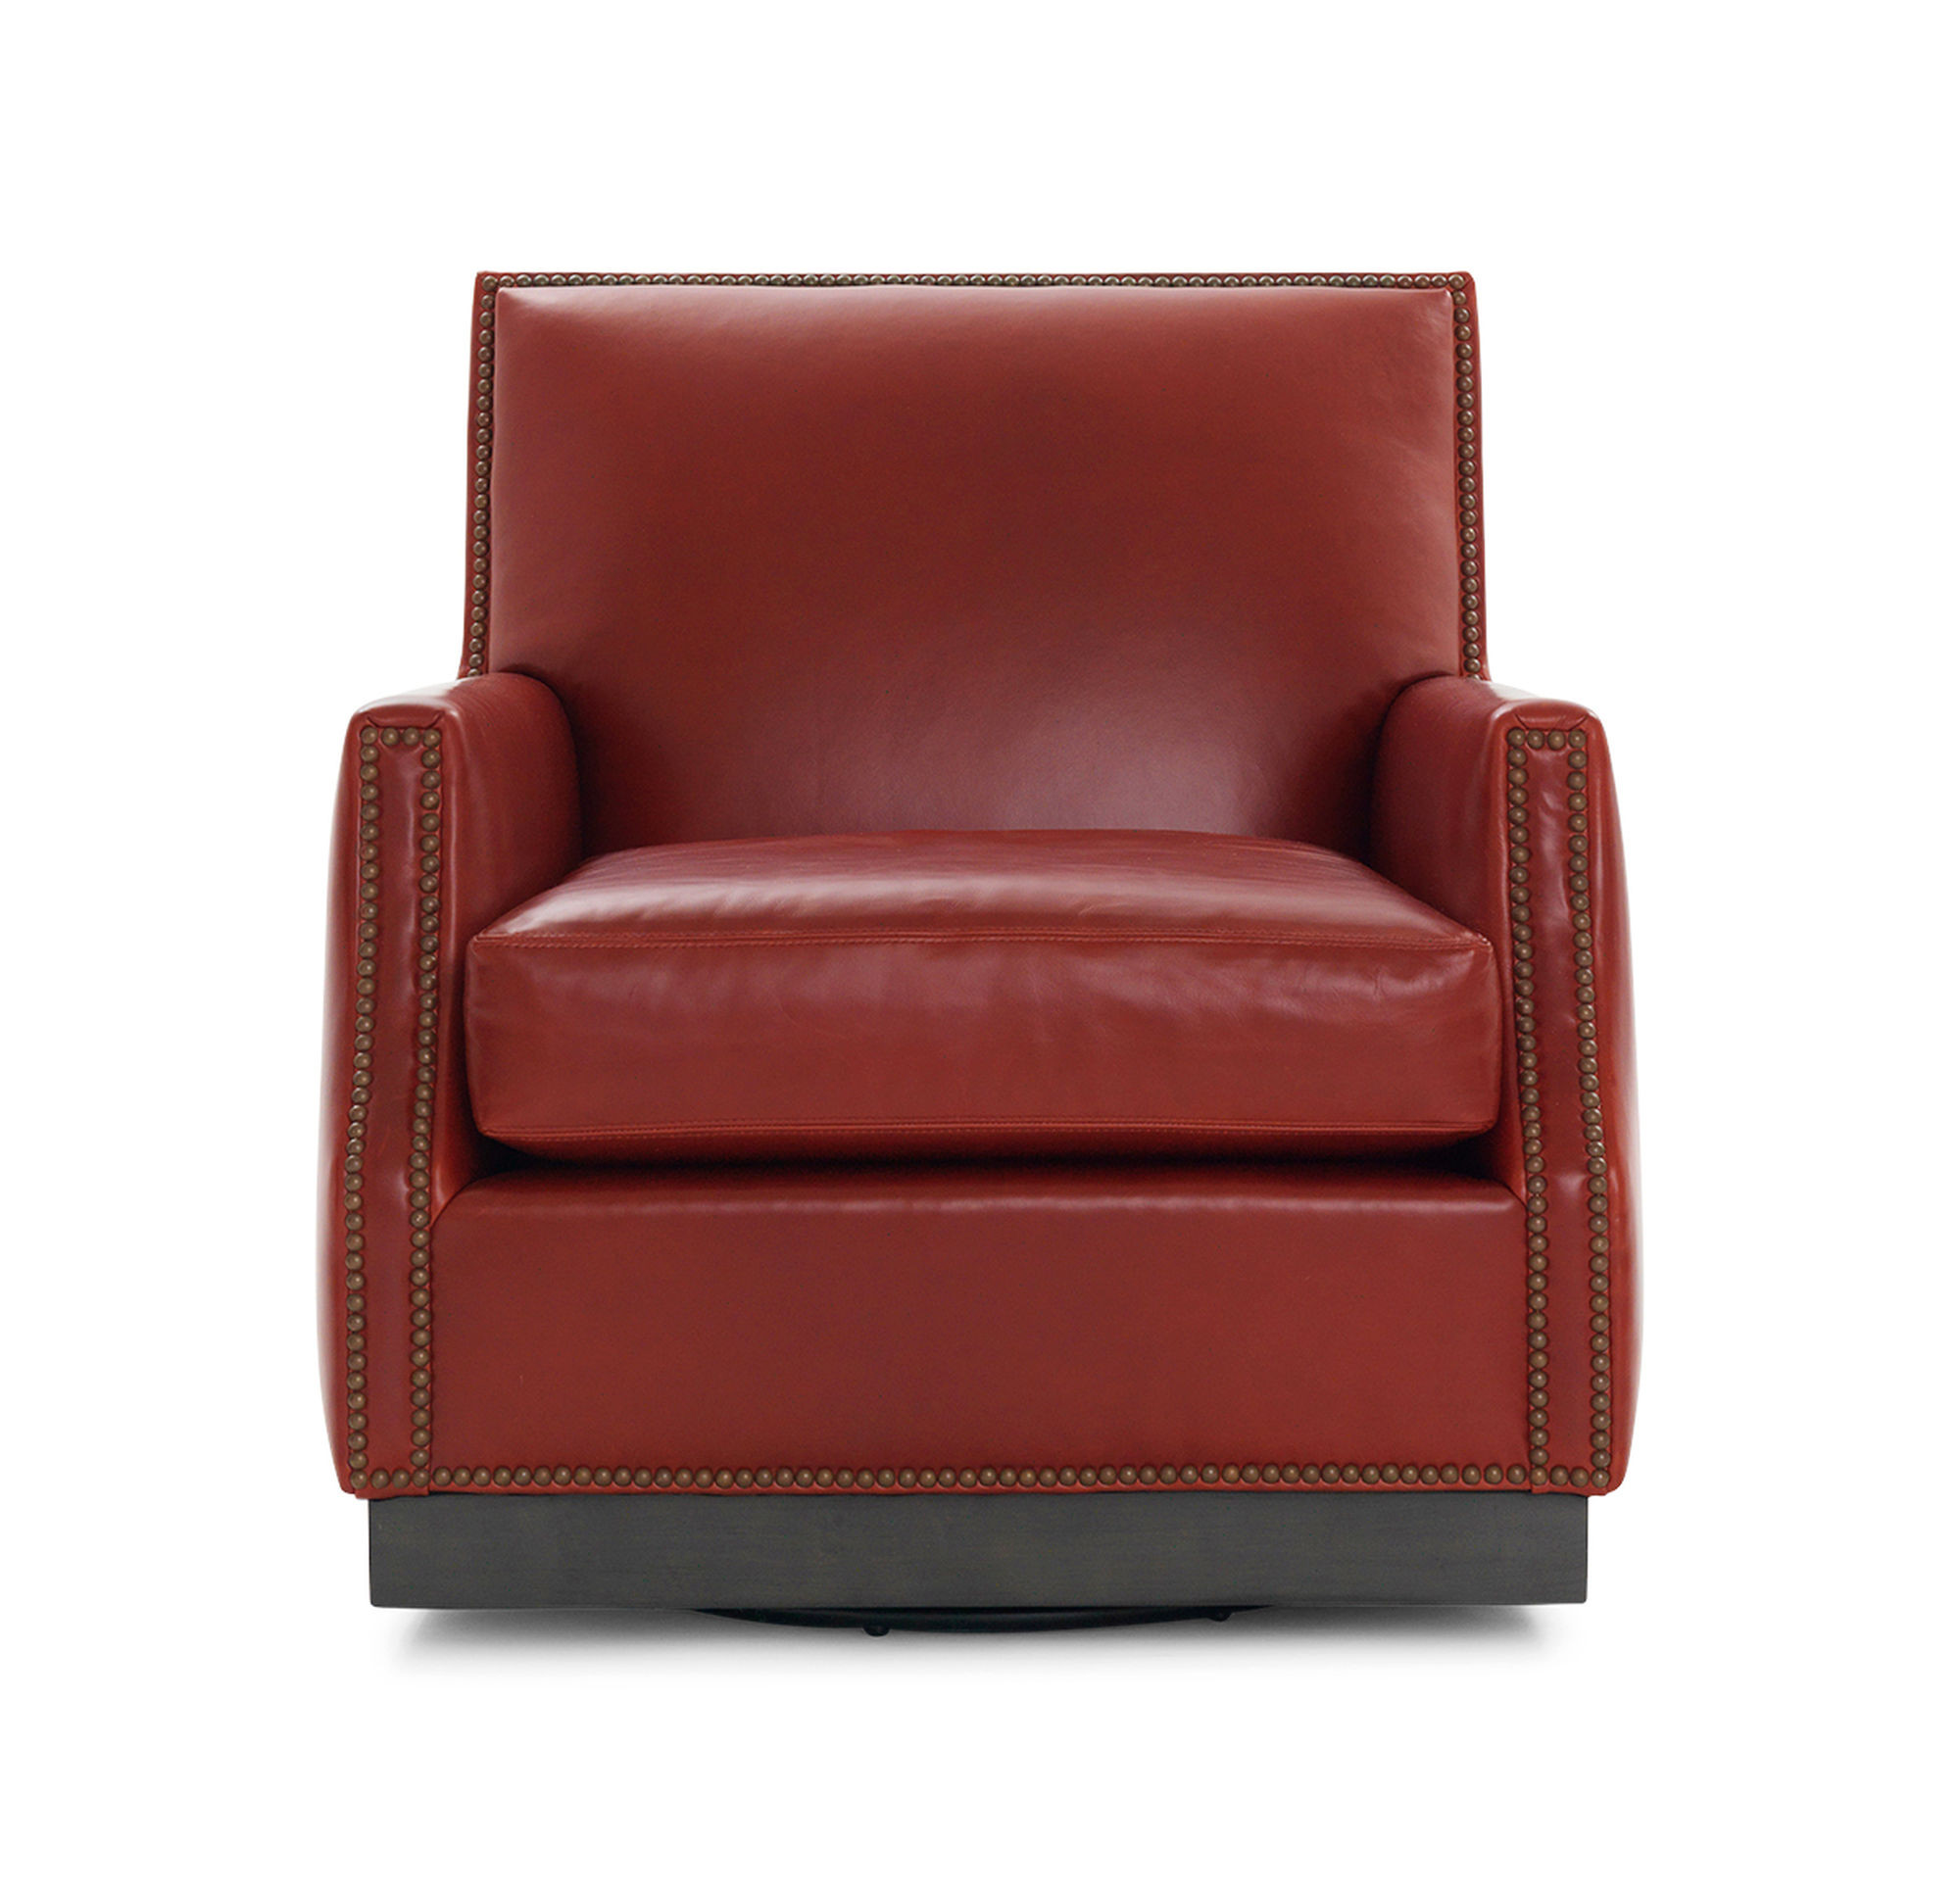 vase turned dining table of benson full swivel leather chair intended for benson full swivel leather chair hi res